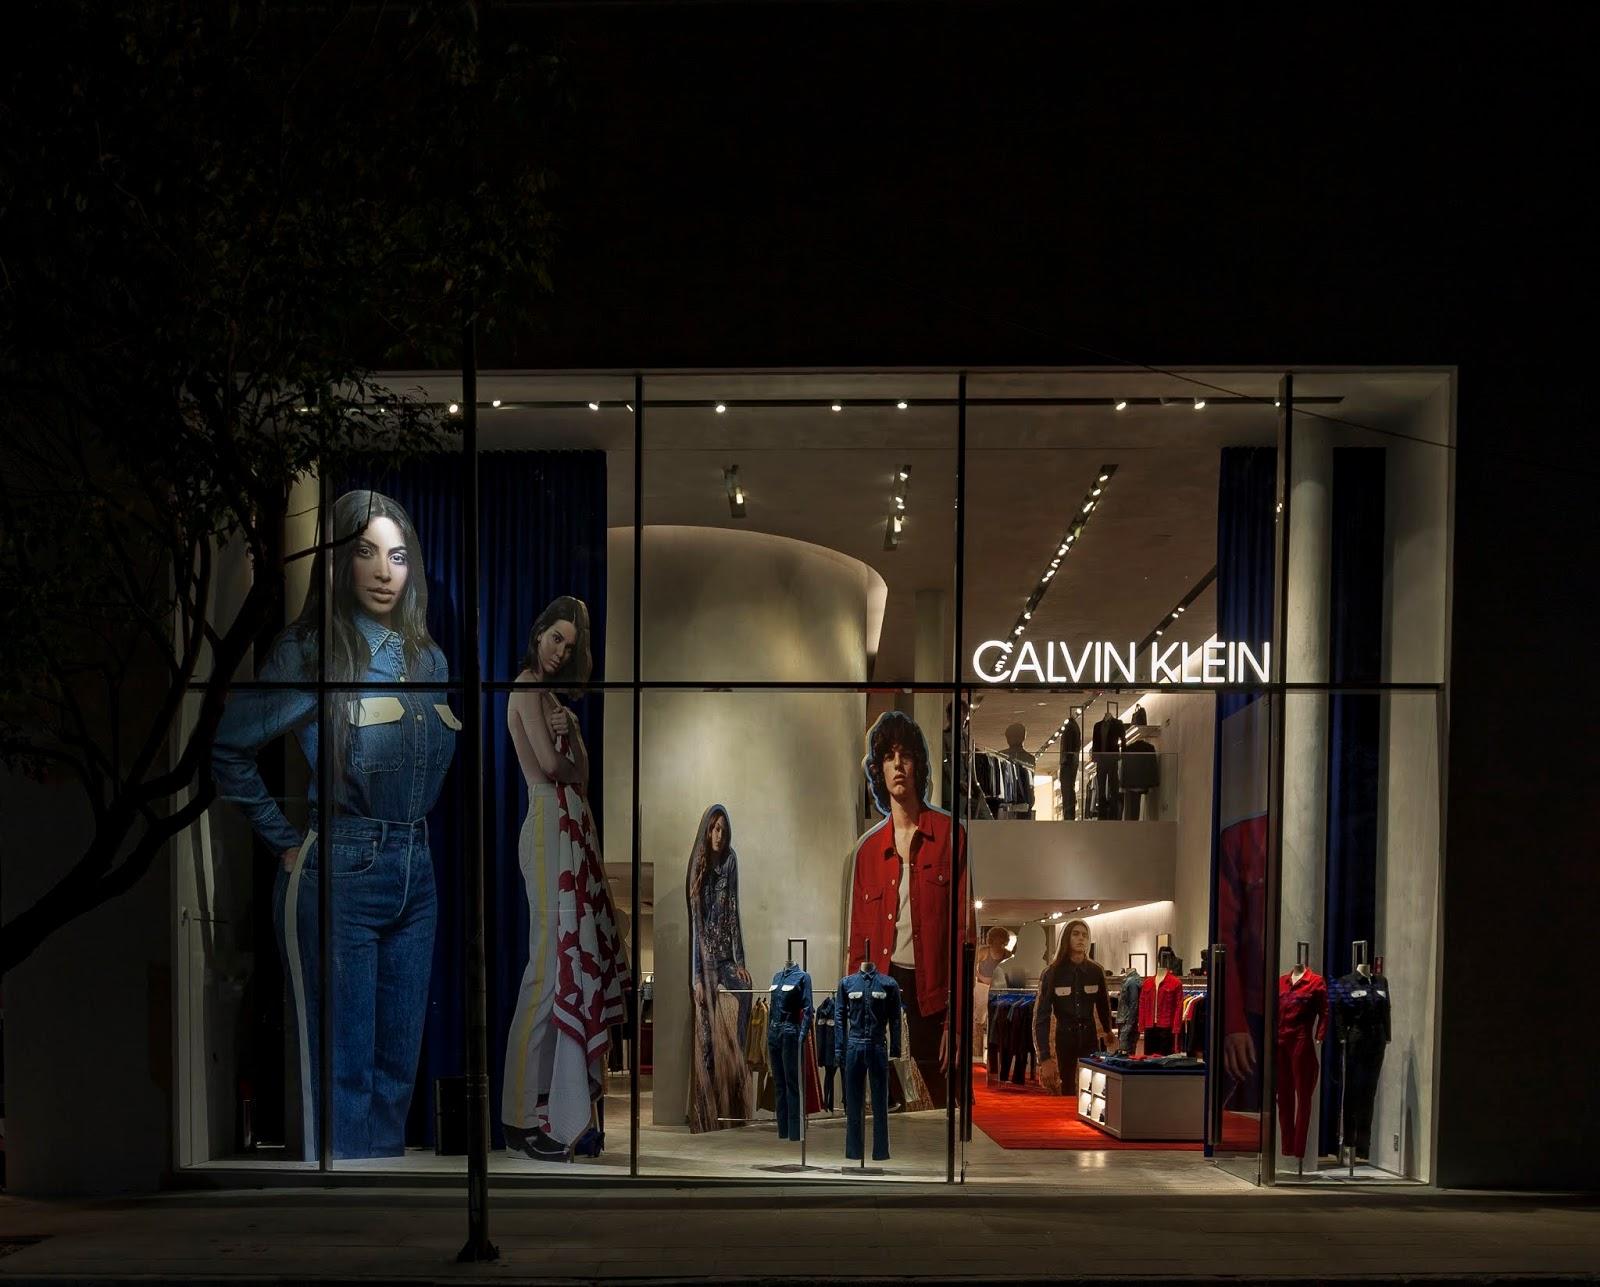 Calvin Klein inaugura sua primeira flagship store em São Paulo - Lah ... a9308a8ccb